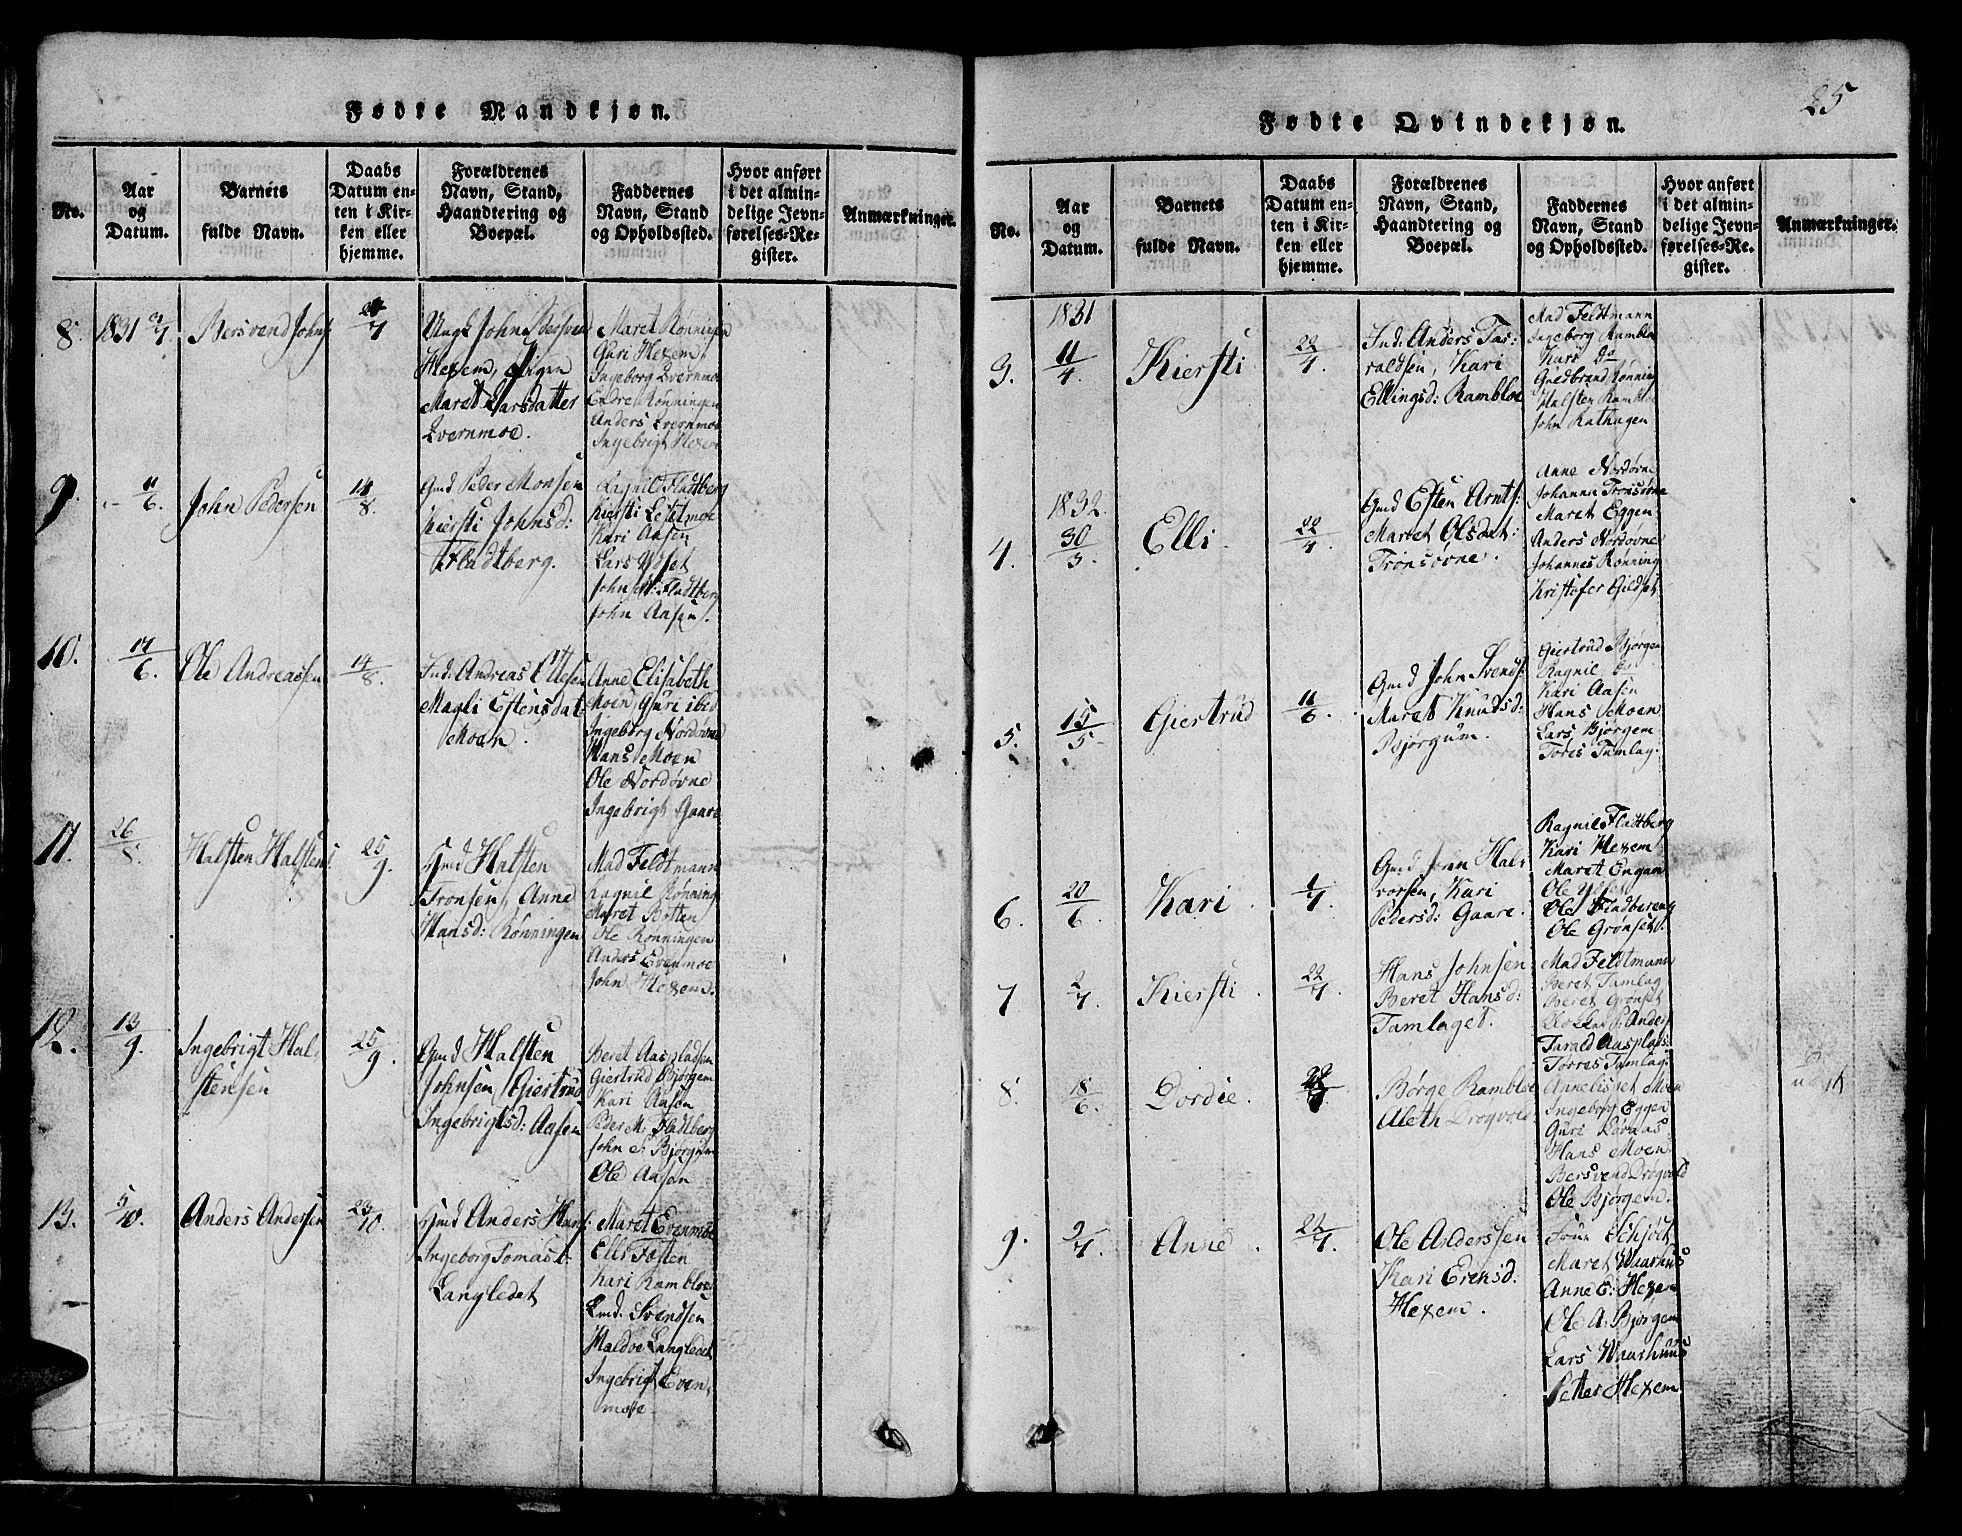 SAT, Ministerialprotokoller, klokkerbøker og fødselsregistre - Sør-Trøndelag, 685/L0976: Klokkerbok nr. 685C01, 1817-1878, s. 25